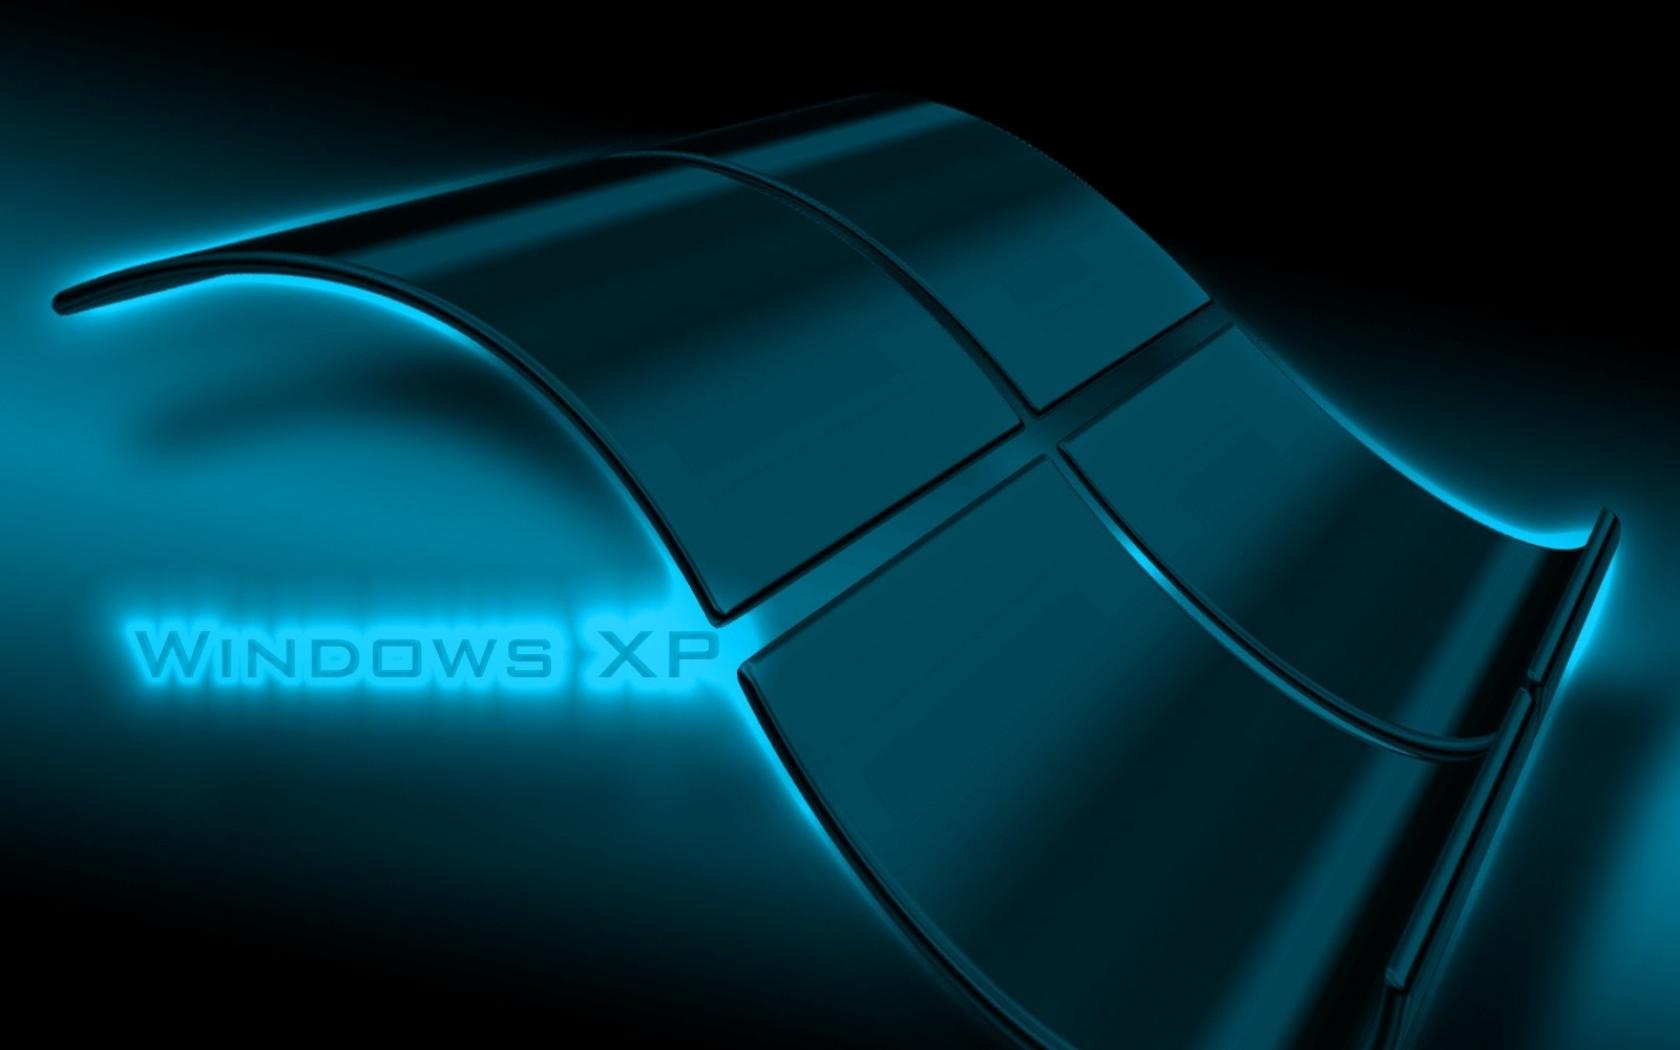 Designwindowswindows xp 1600x1200 wallpaper 21192download 1680x1050 1680x1050